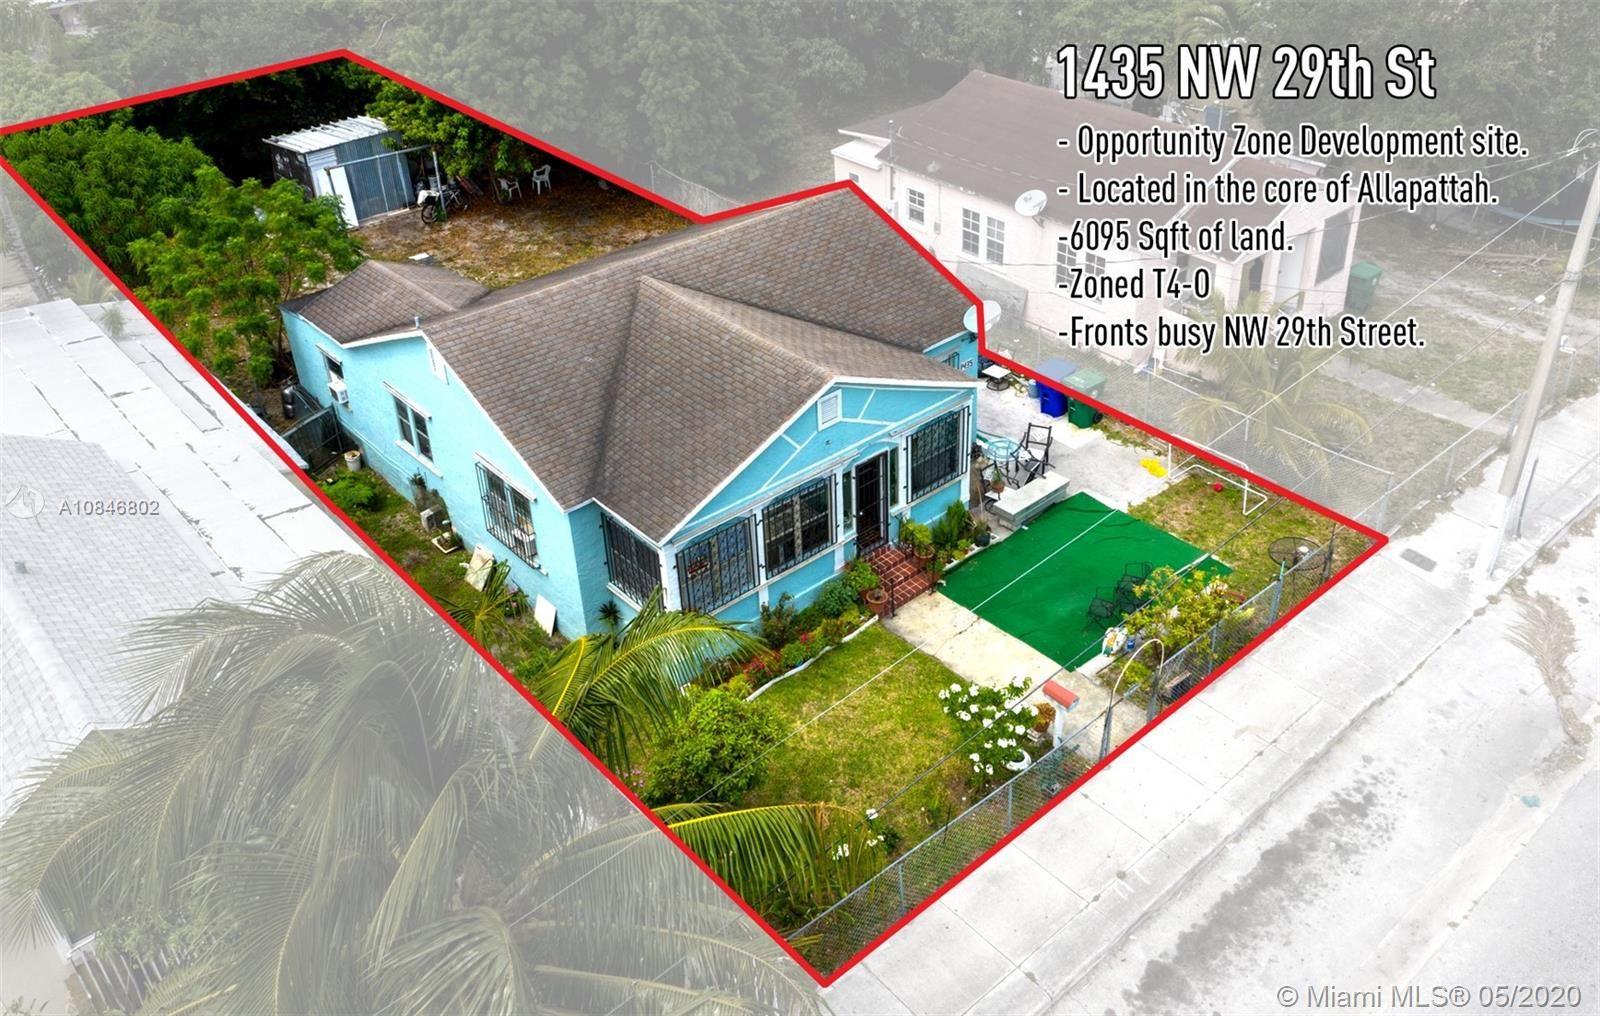 1435 NW 29th St, Miami, FL 33142 - #: A10846802